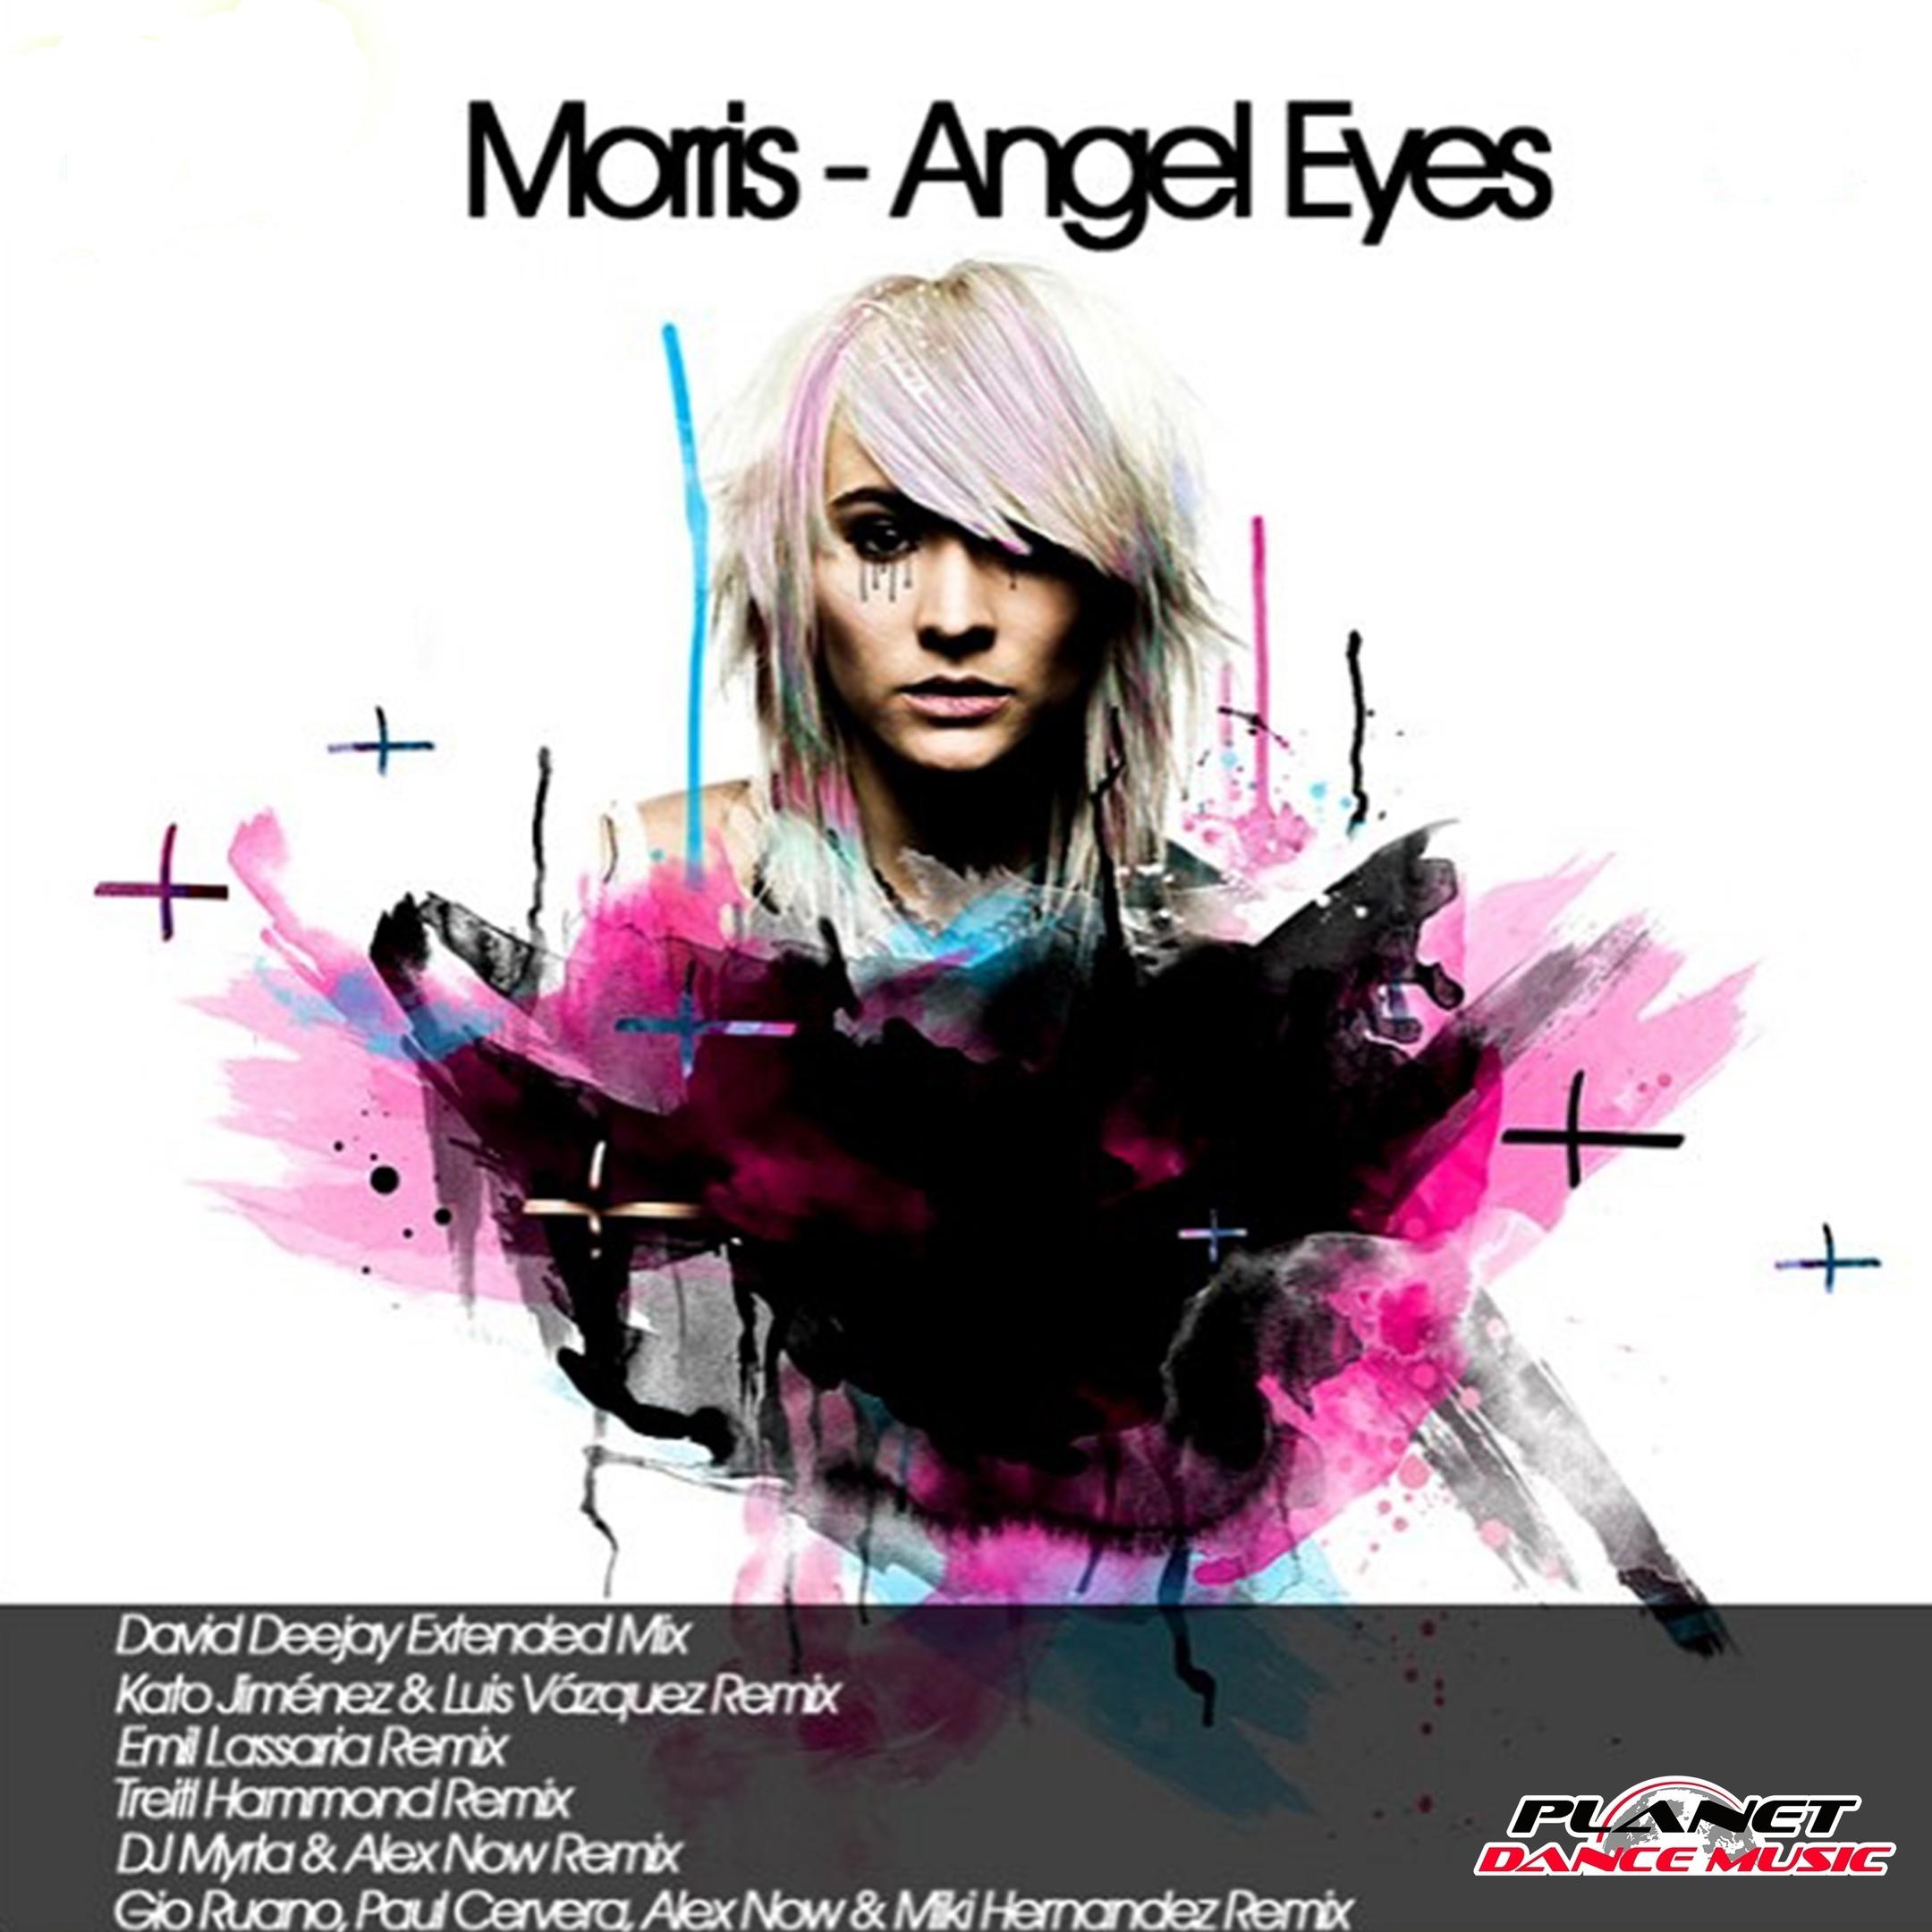 Morris album Angel Eyes